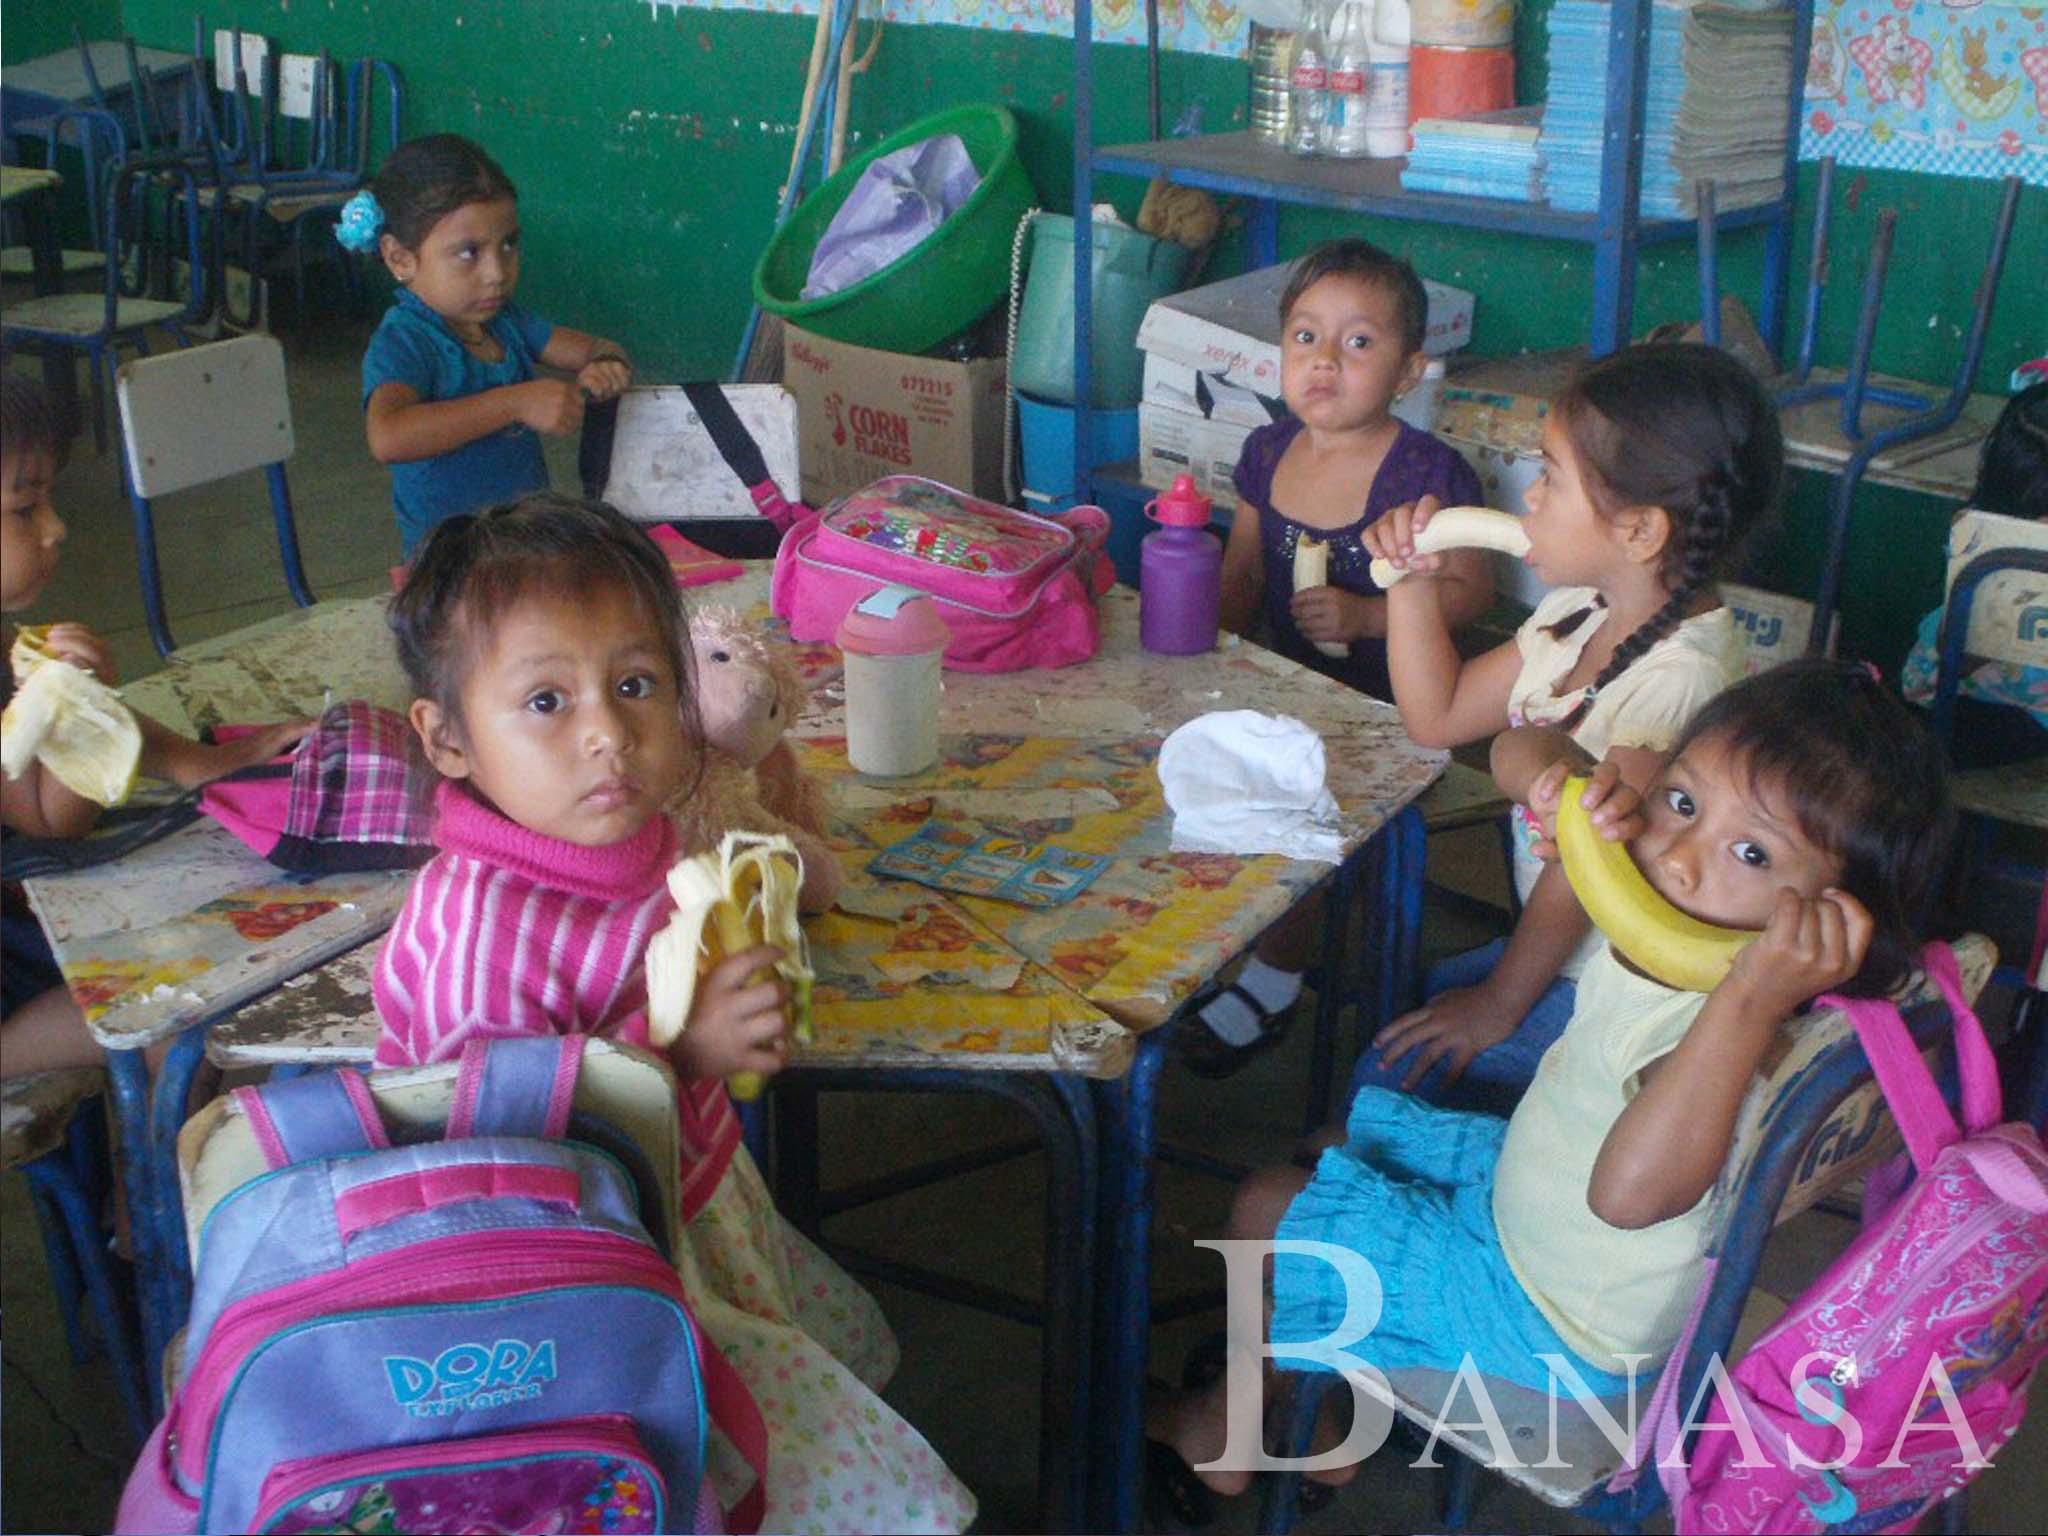 BANASA BENEFICIA A 360 ALUMNOS DE LA ESCUELA CERRITOS CON REFACCIÓN ESCOLAR NUTRITIVA